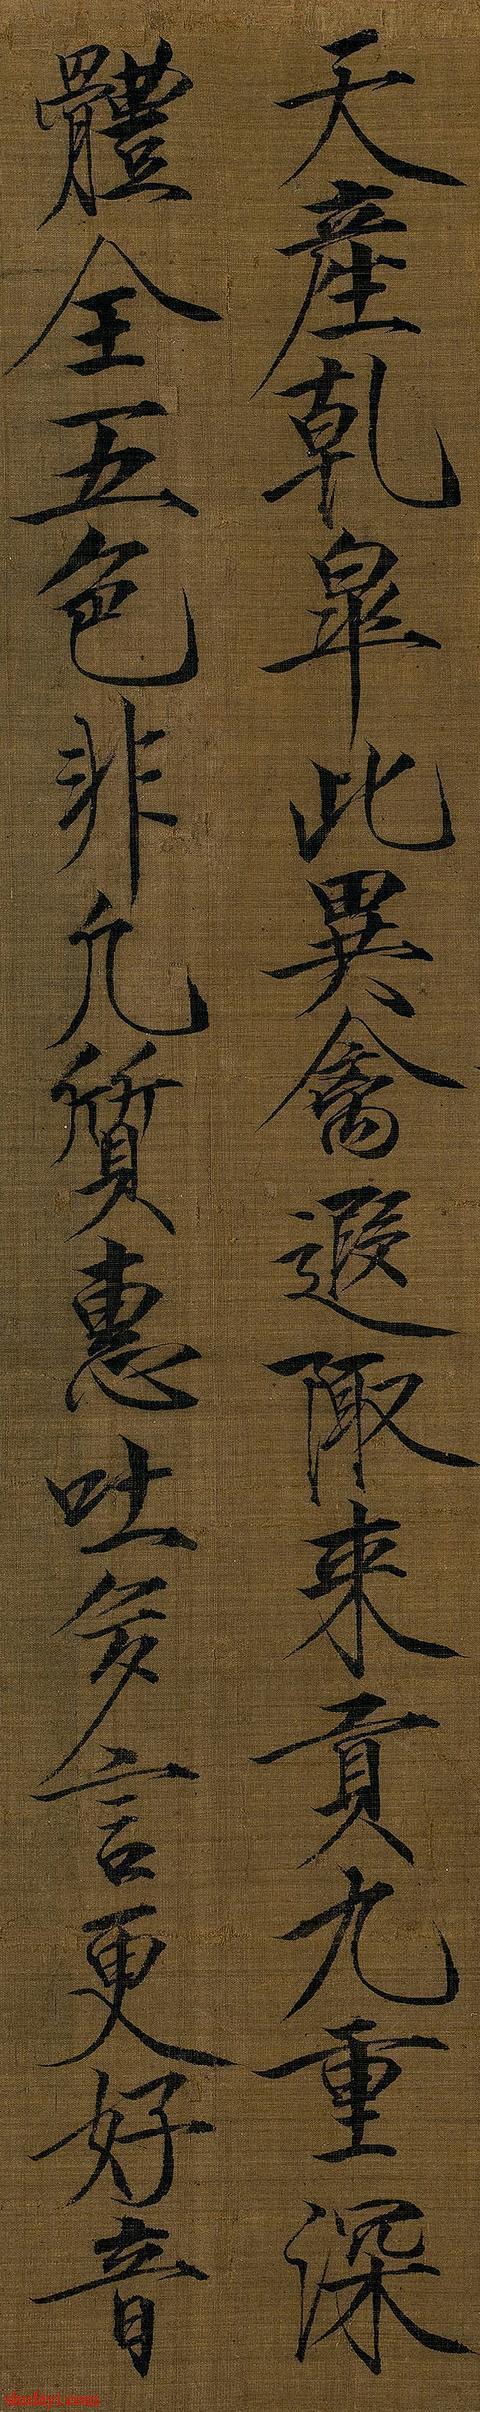 宋徽宗赵佶传世精品《五色鹦鹉图》